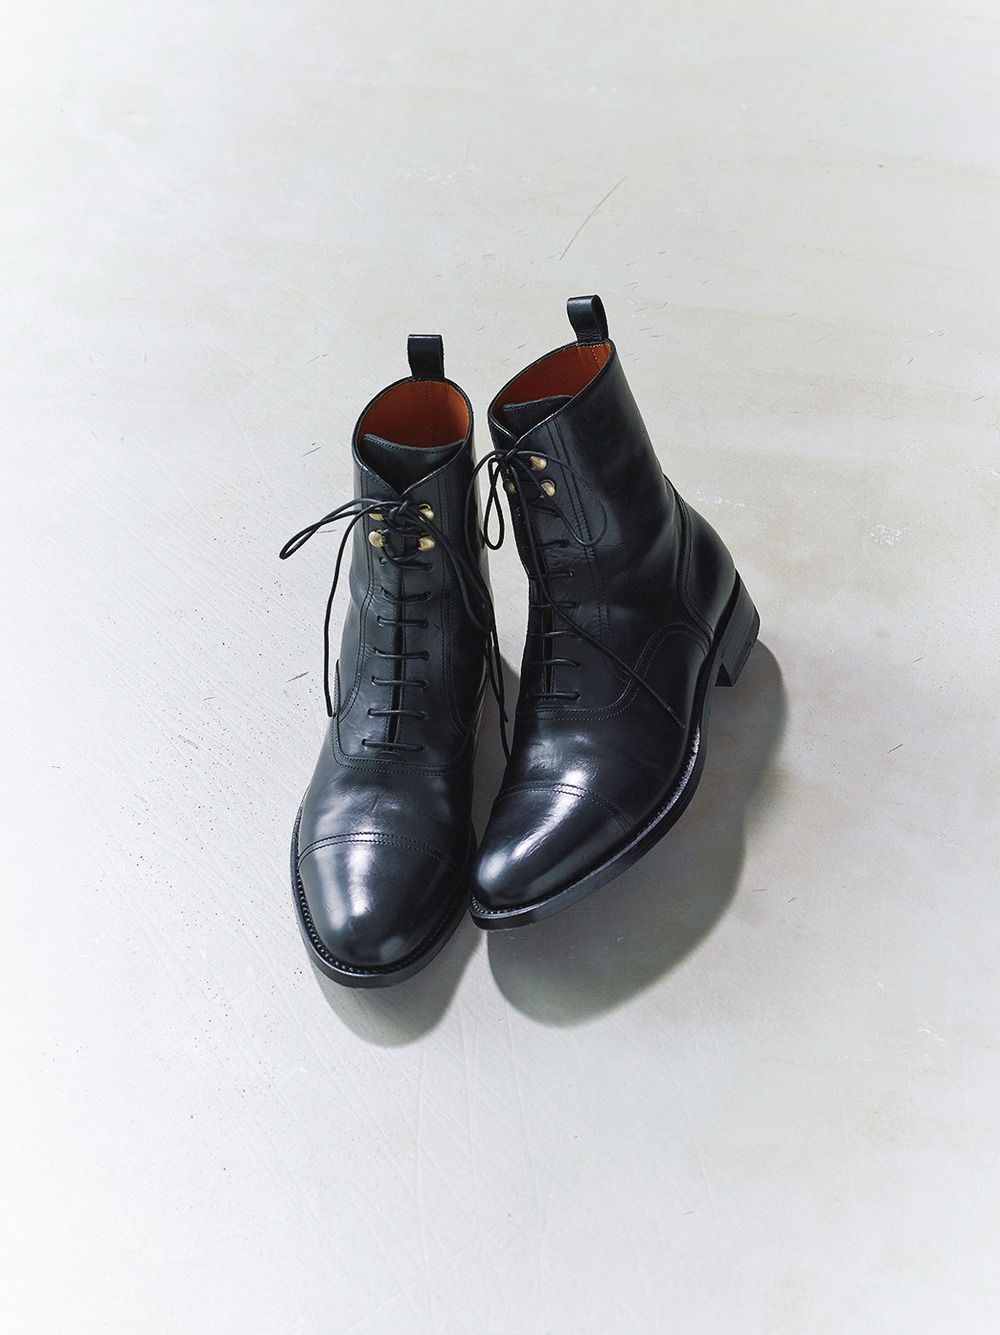 ファッション サルトルのブーツ